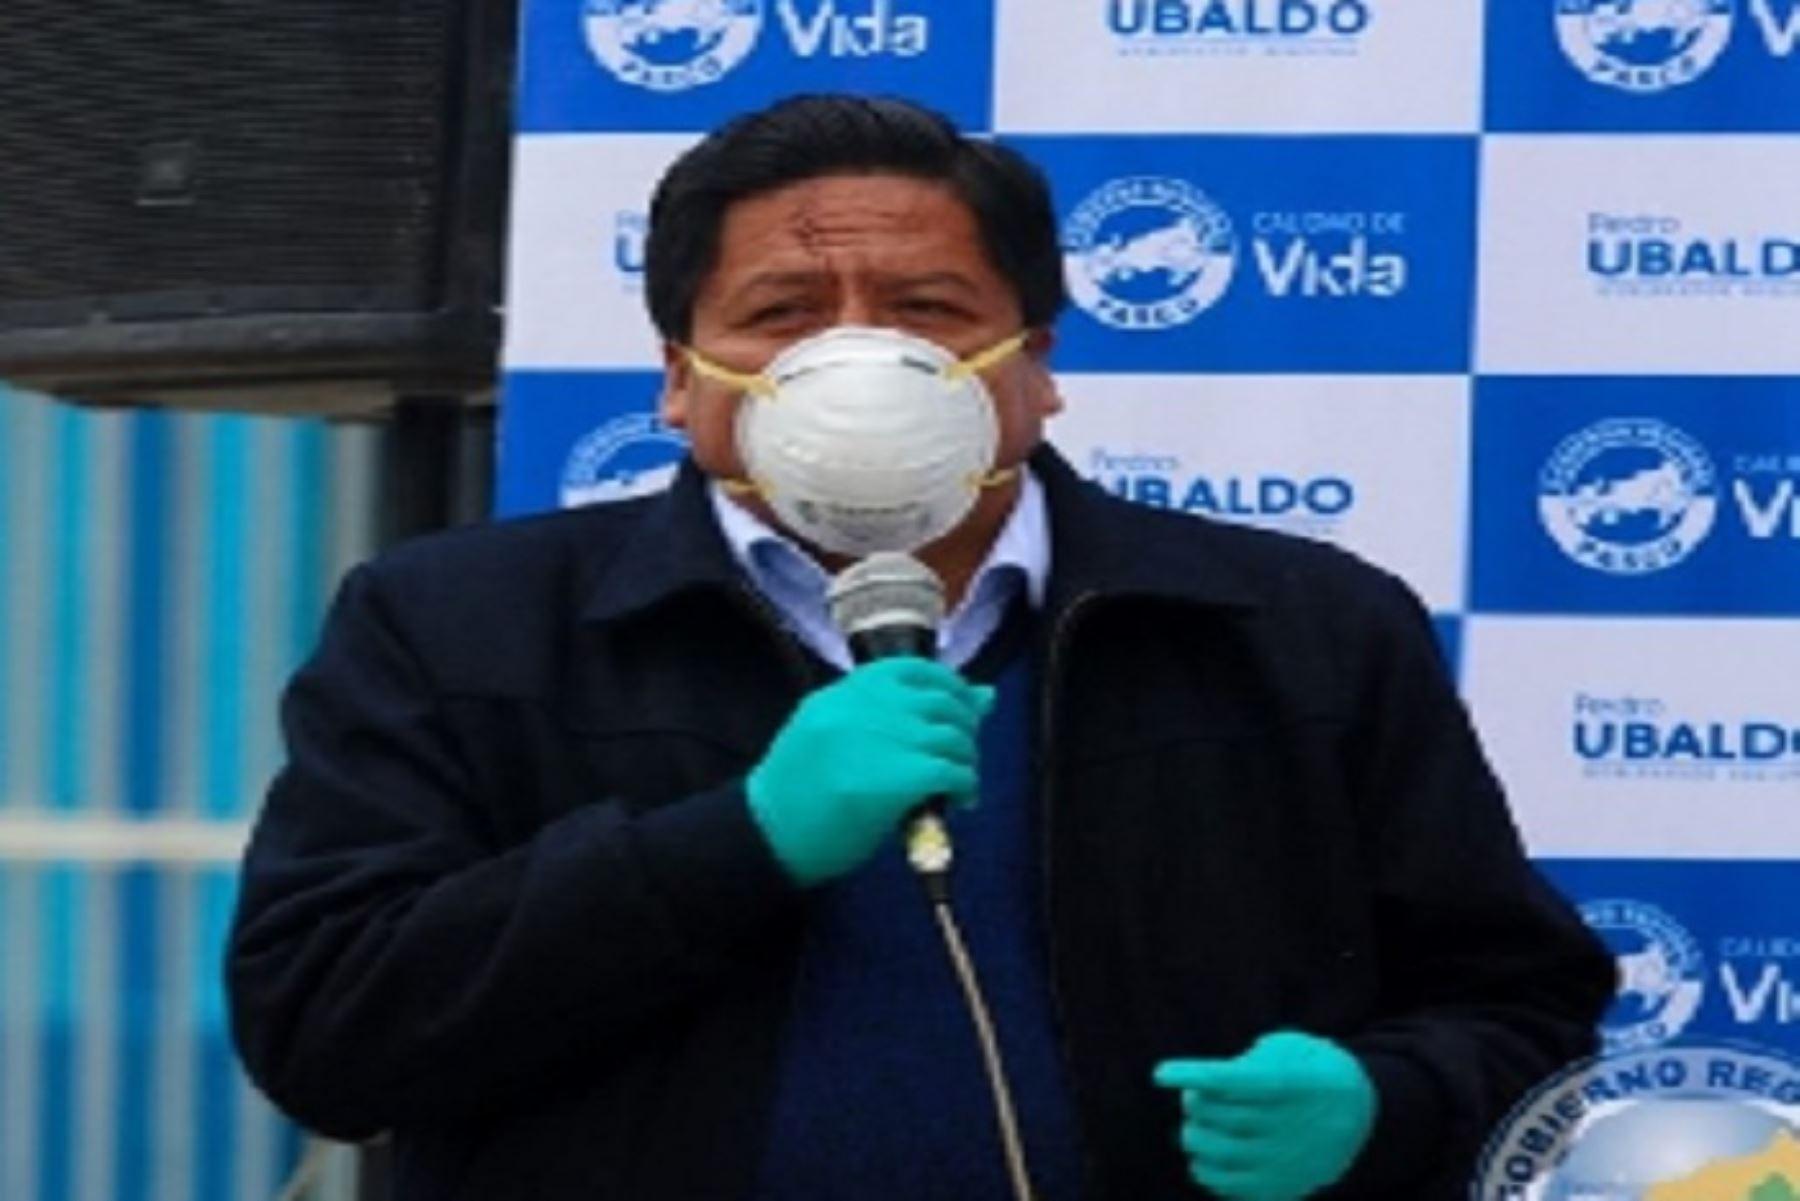 La autoridad regional se contagió cuando cumplía funciones, ya que él estaba viajando a Lima y otros lugares permanentemente para tratar el avance de las medidas para contener la enfermedad.